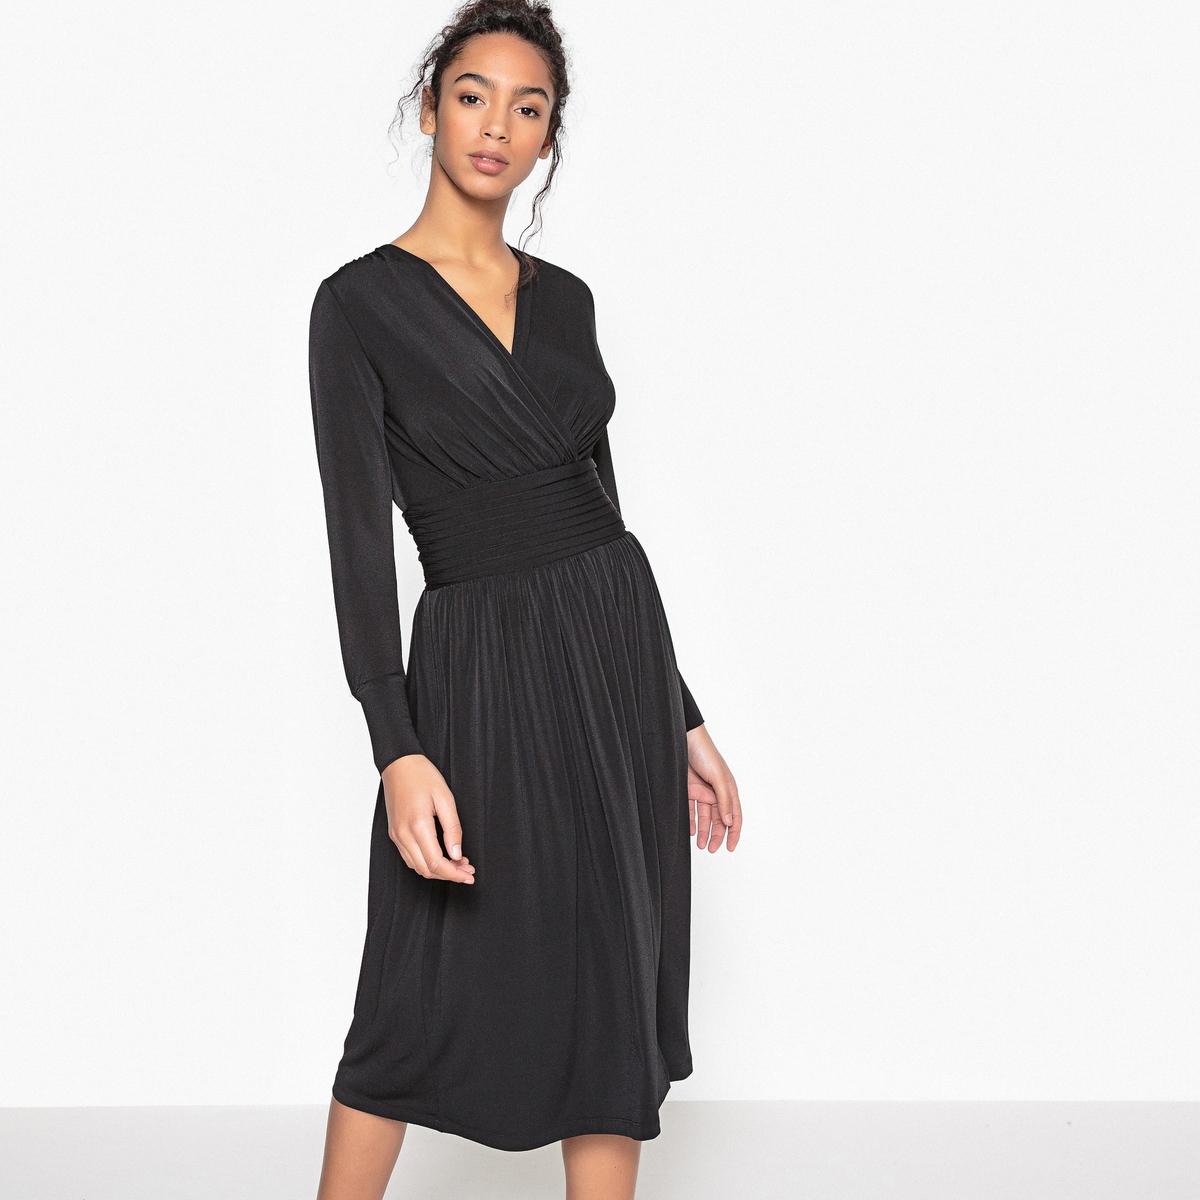 Платье-миди в форме каш-кер, пояс со складками, застежка на молнию сбоку